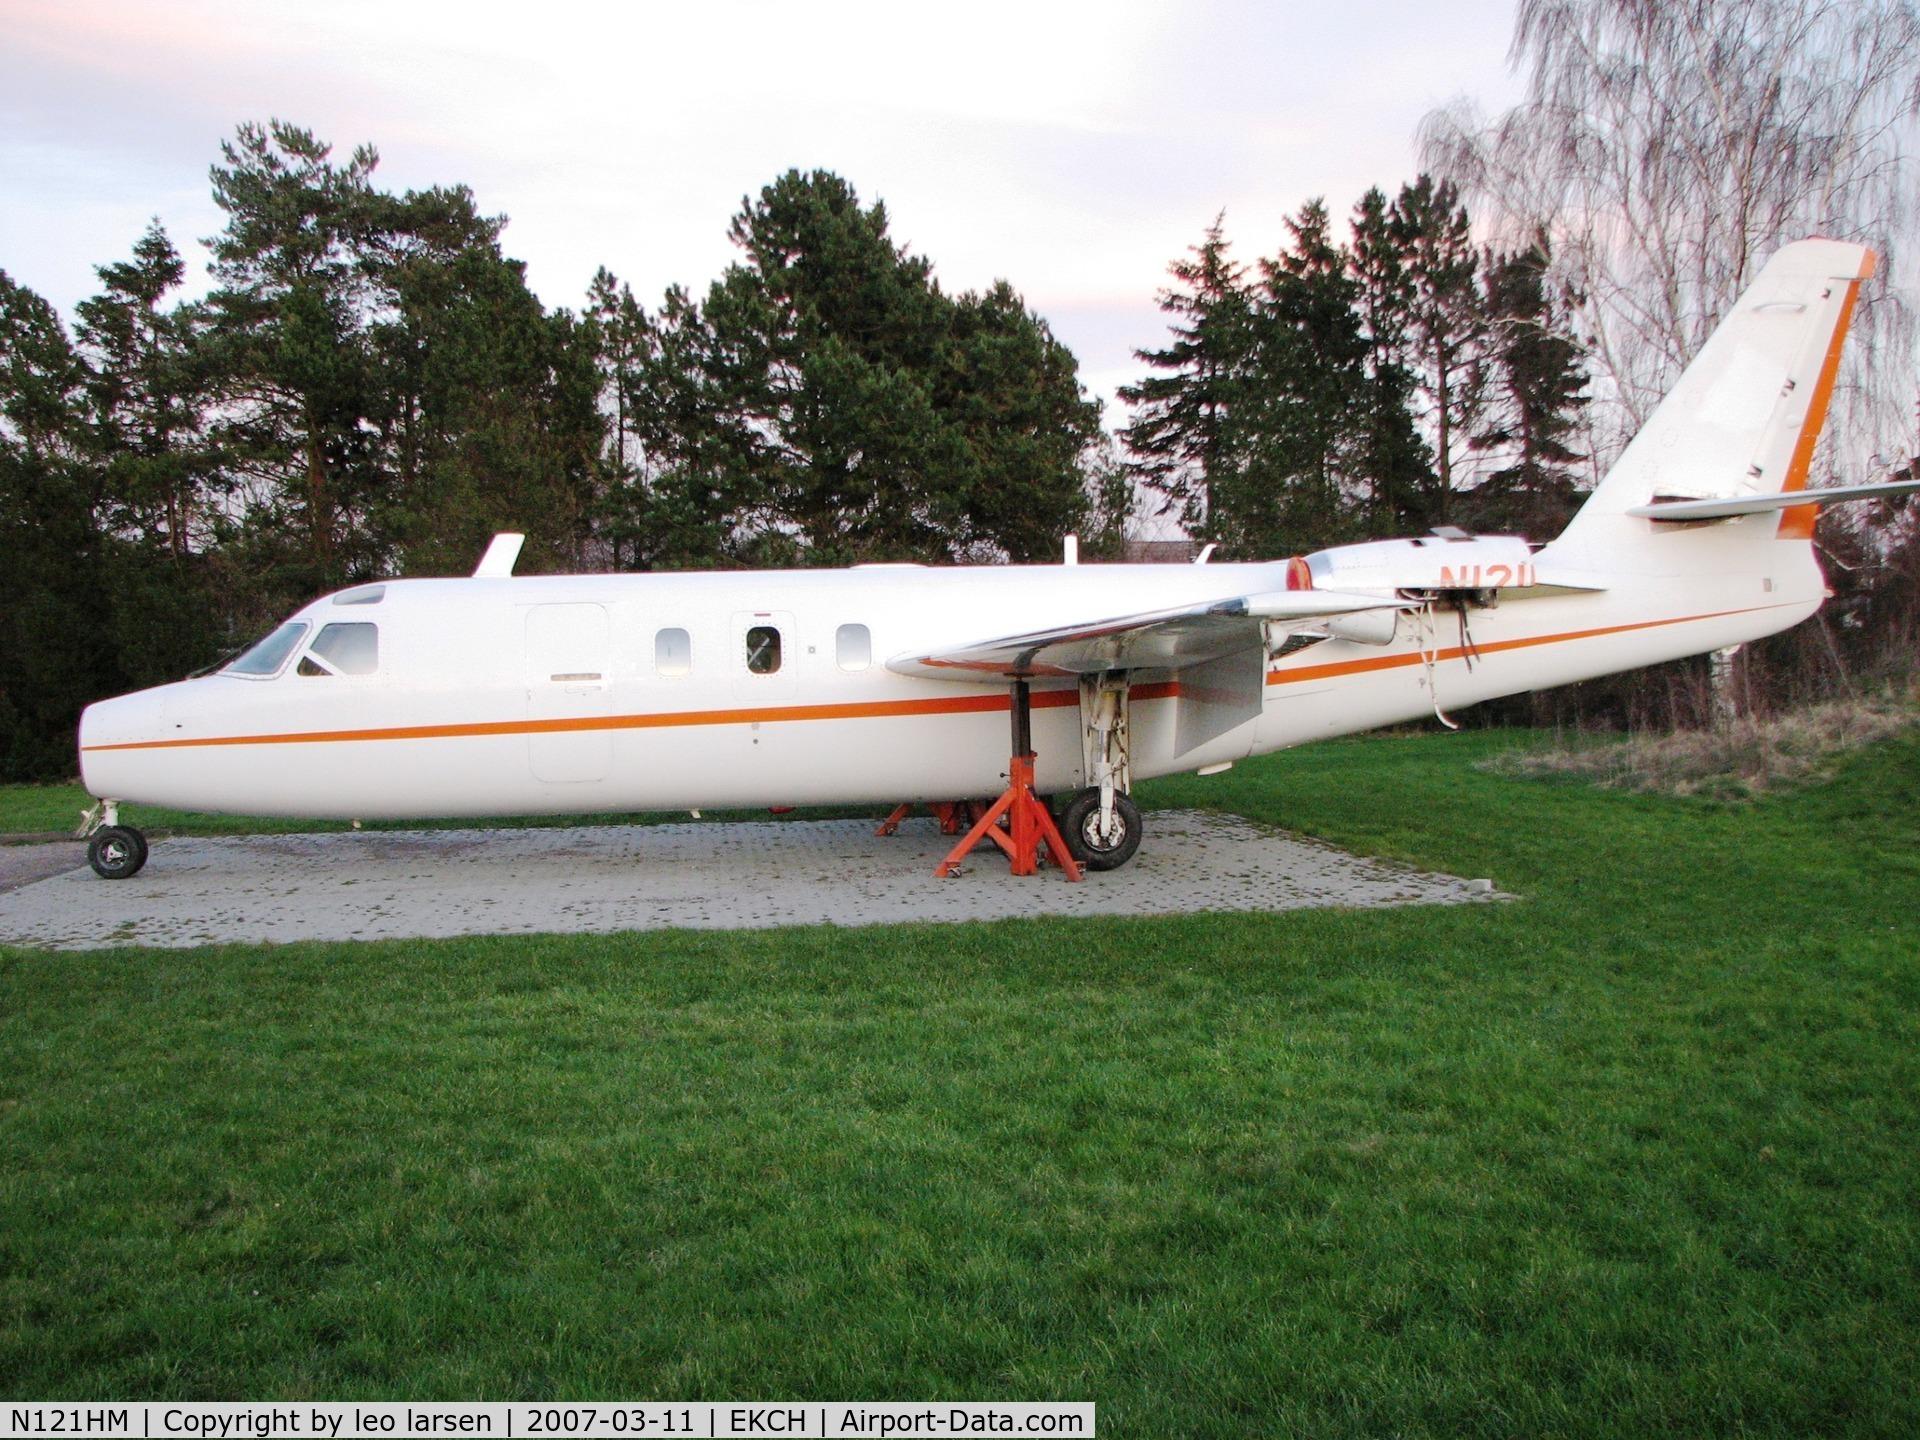 N121HM, Aero Commander 1121 Jet Commander C/N 18, Copenhagen 11.3.07